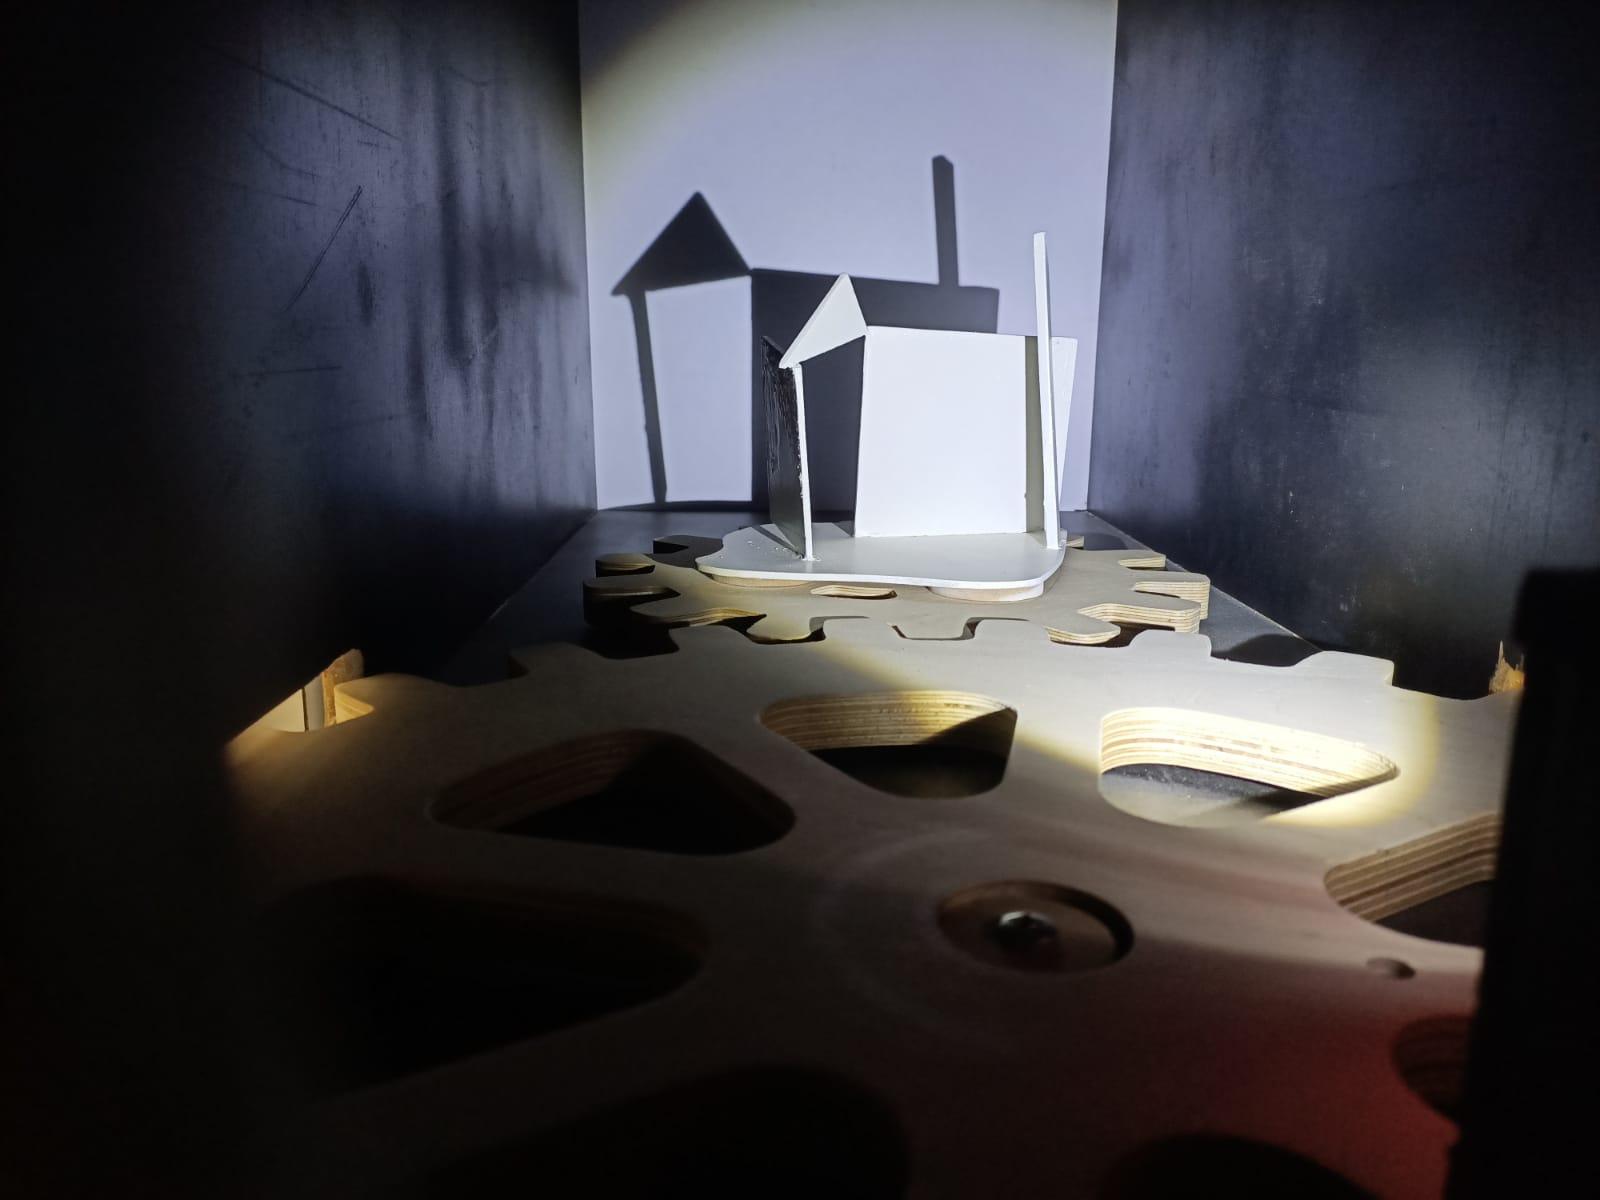 Projecte Klé, Creació d'objectes i moble